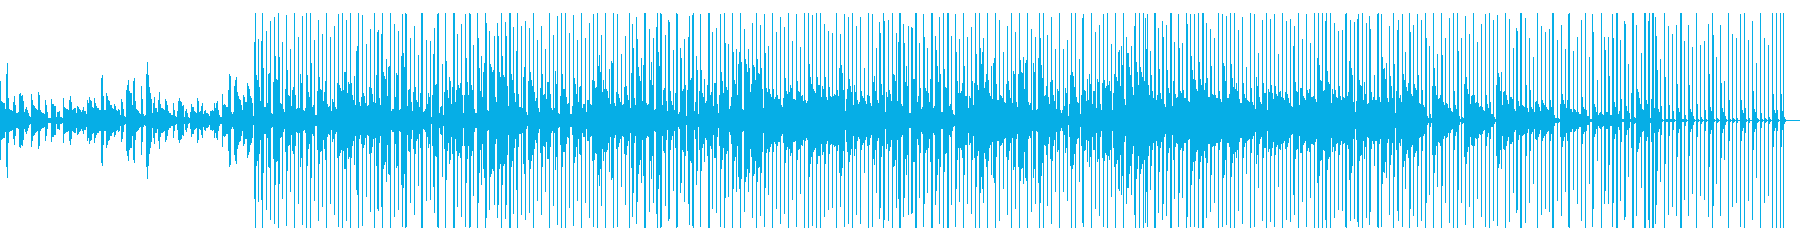 ゆったり温かみのあるギターチルアウトの再生済みの波形